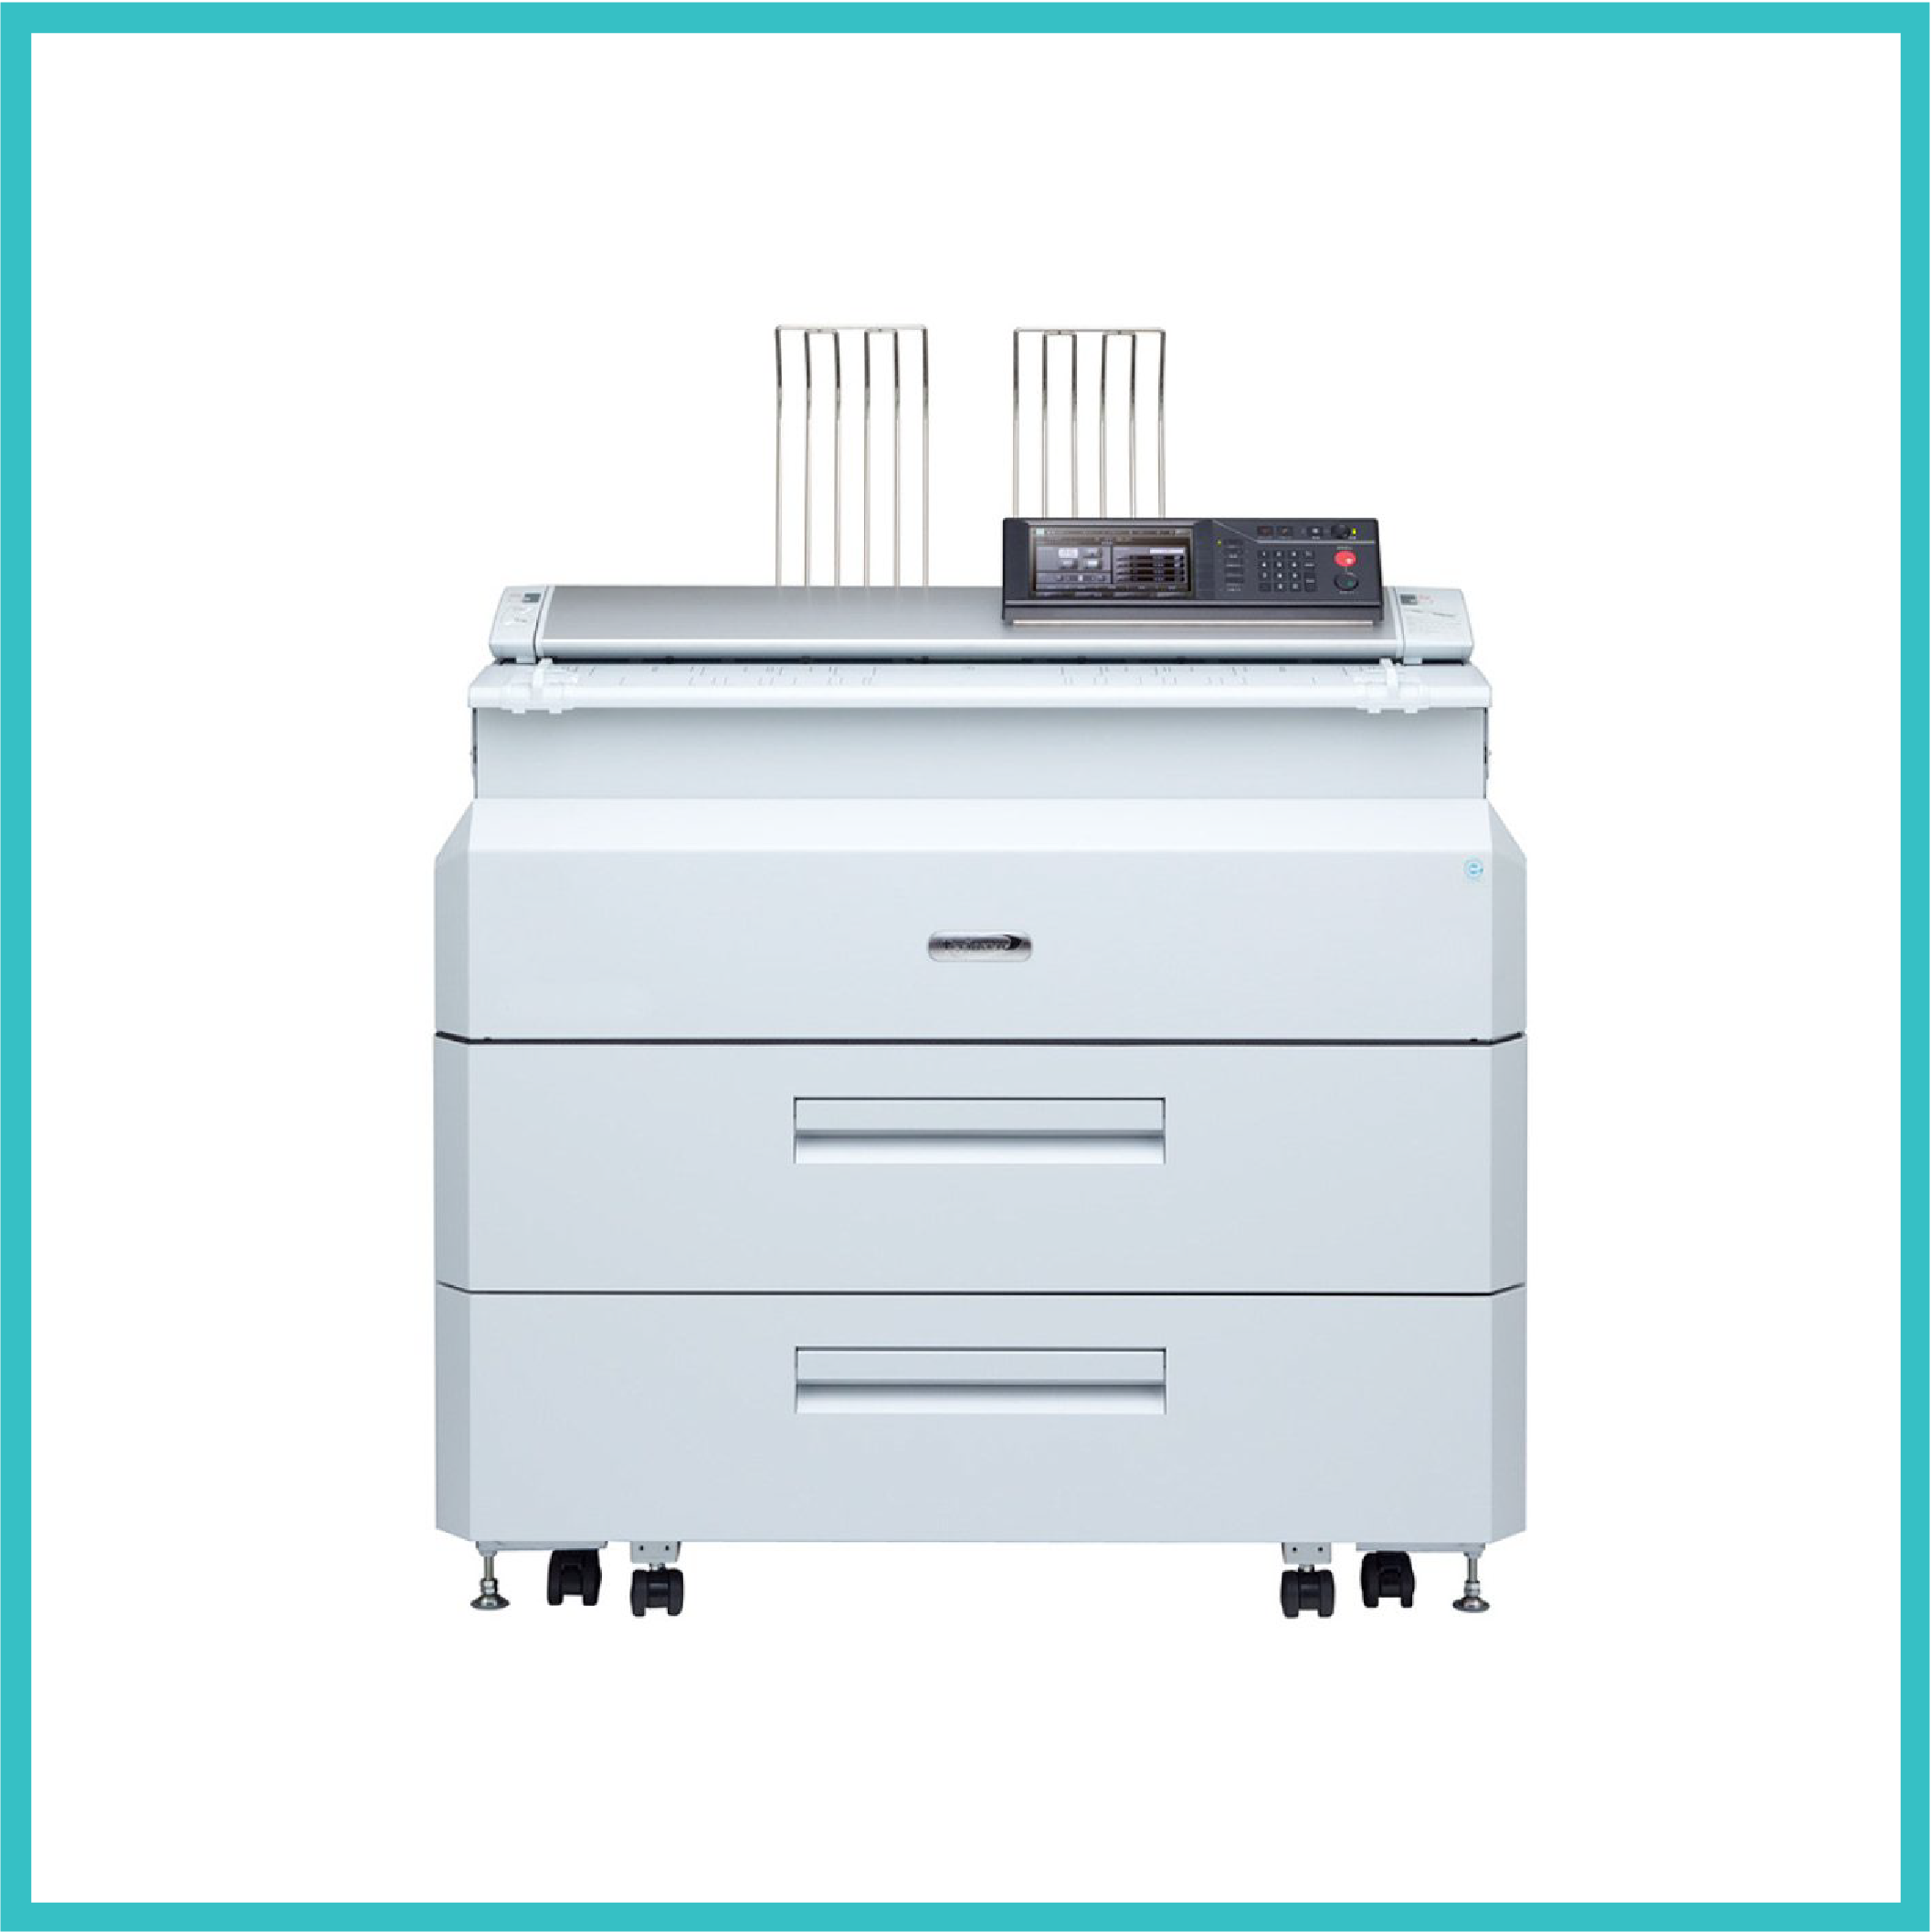 multipurpose OKI LP2060 photocopier